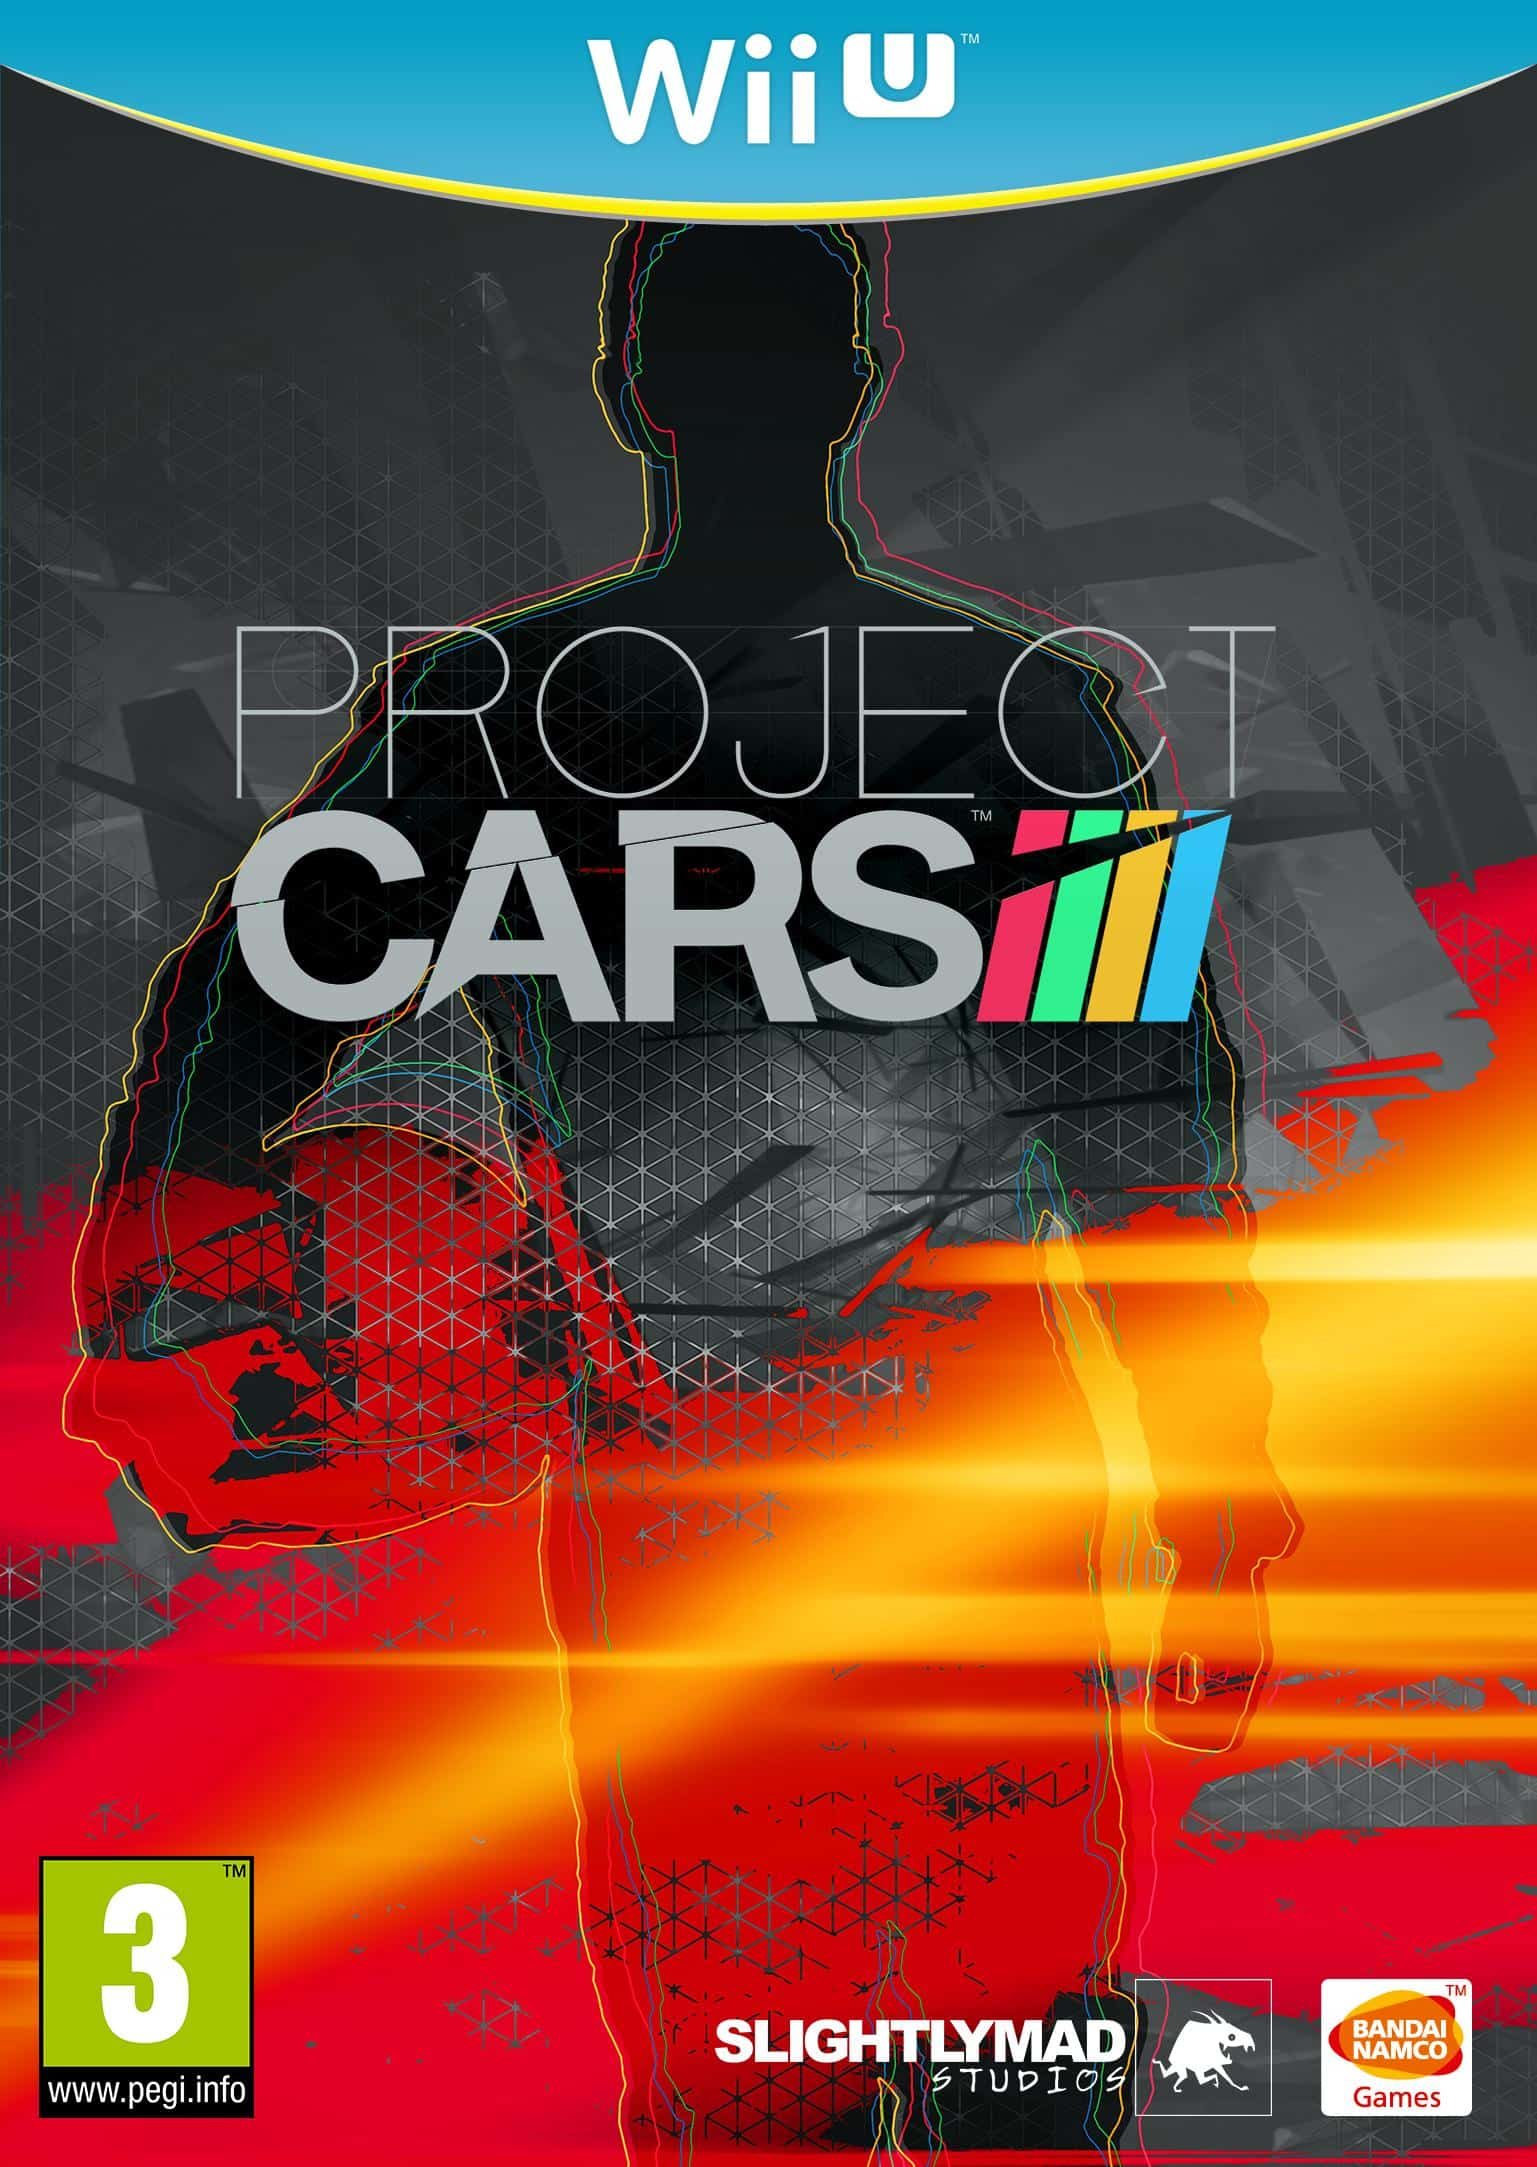 Project-CARS-Wii-U-box-art